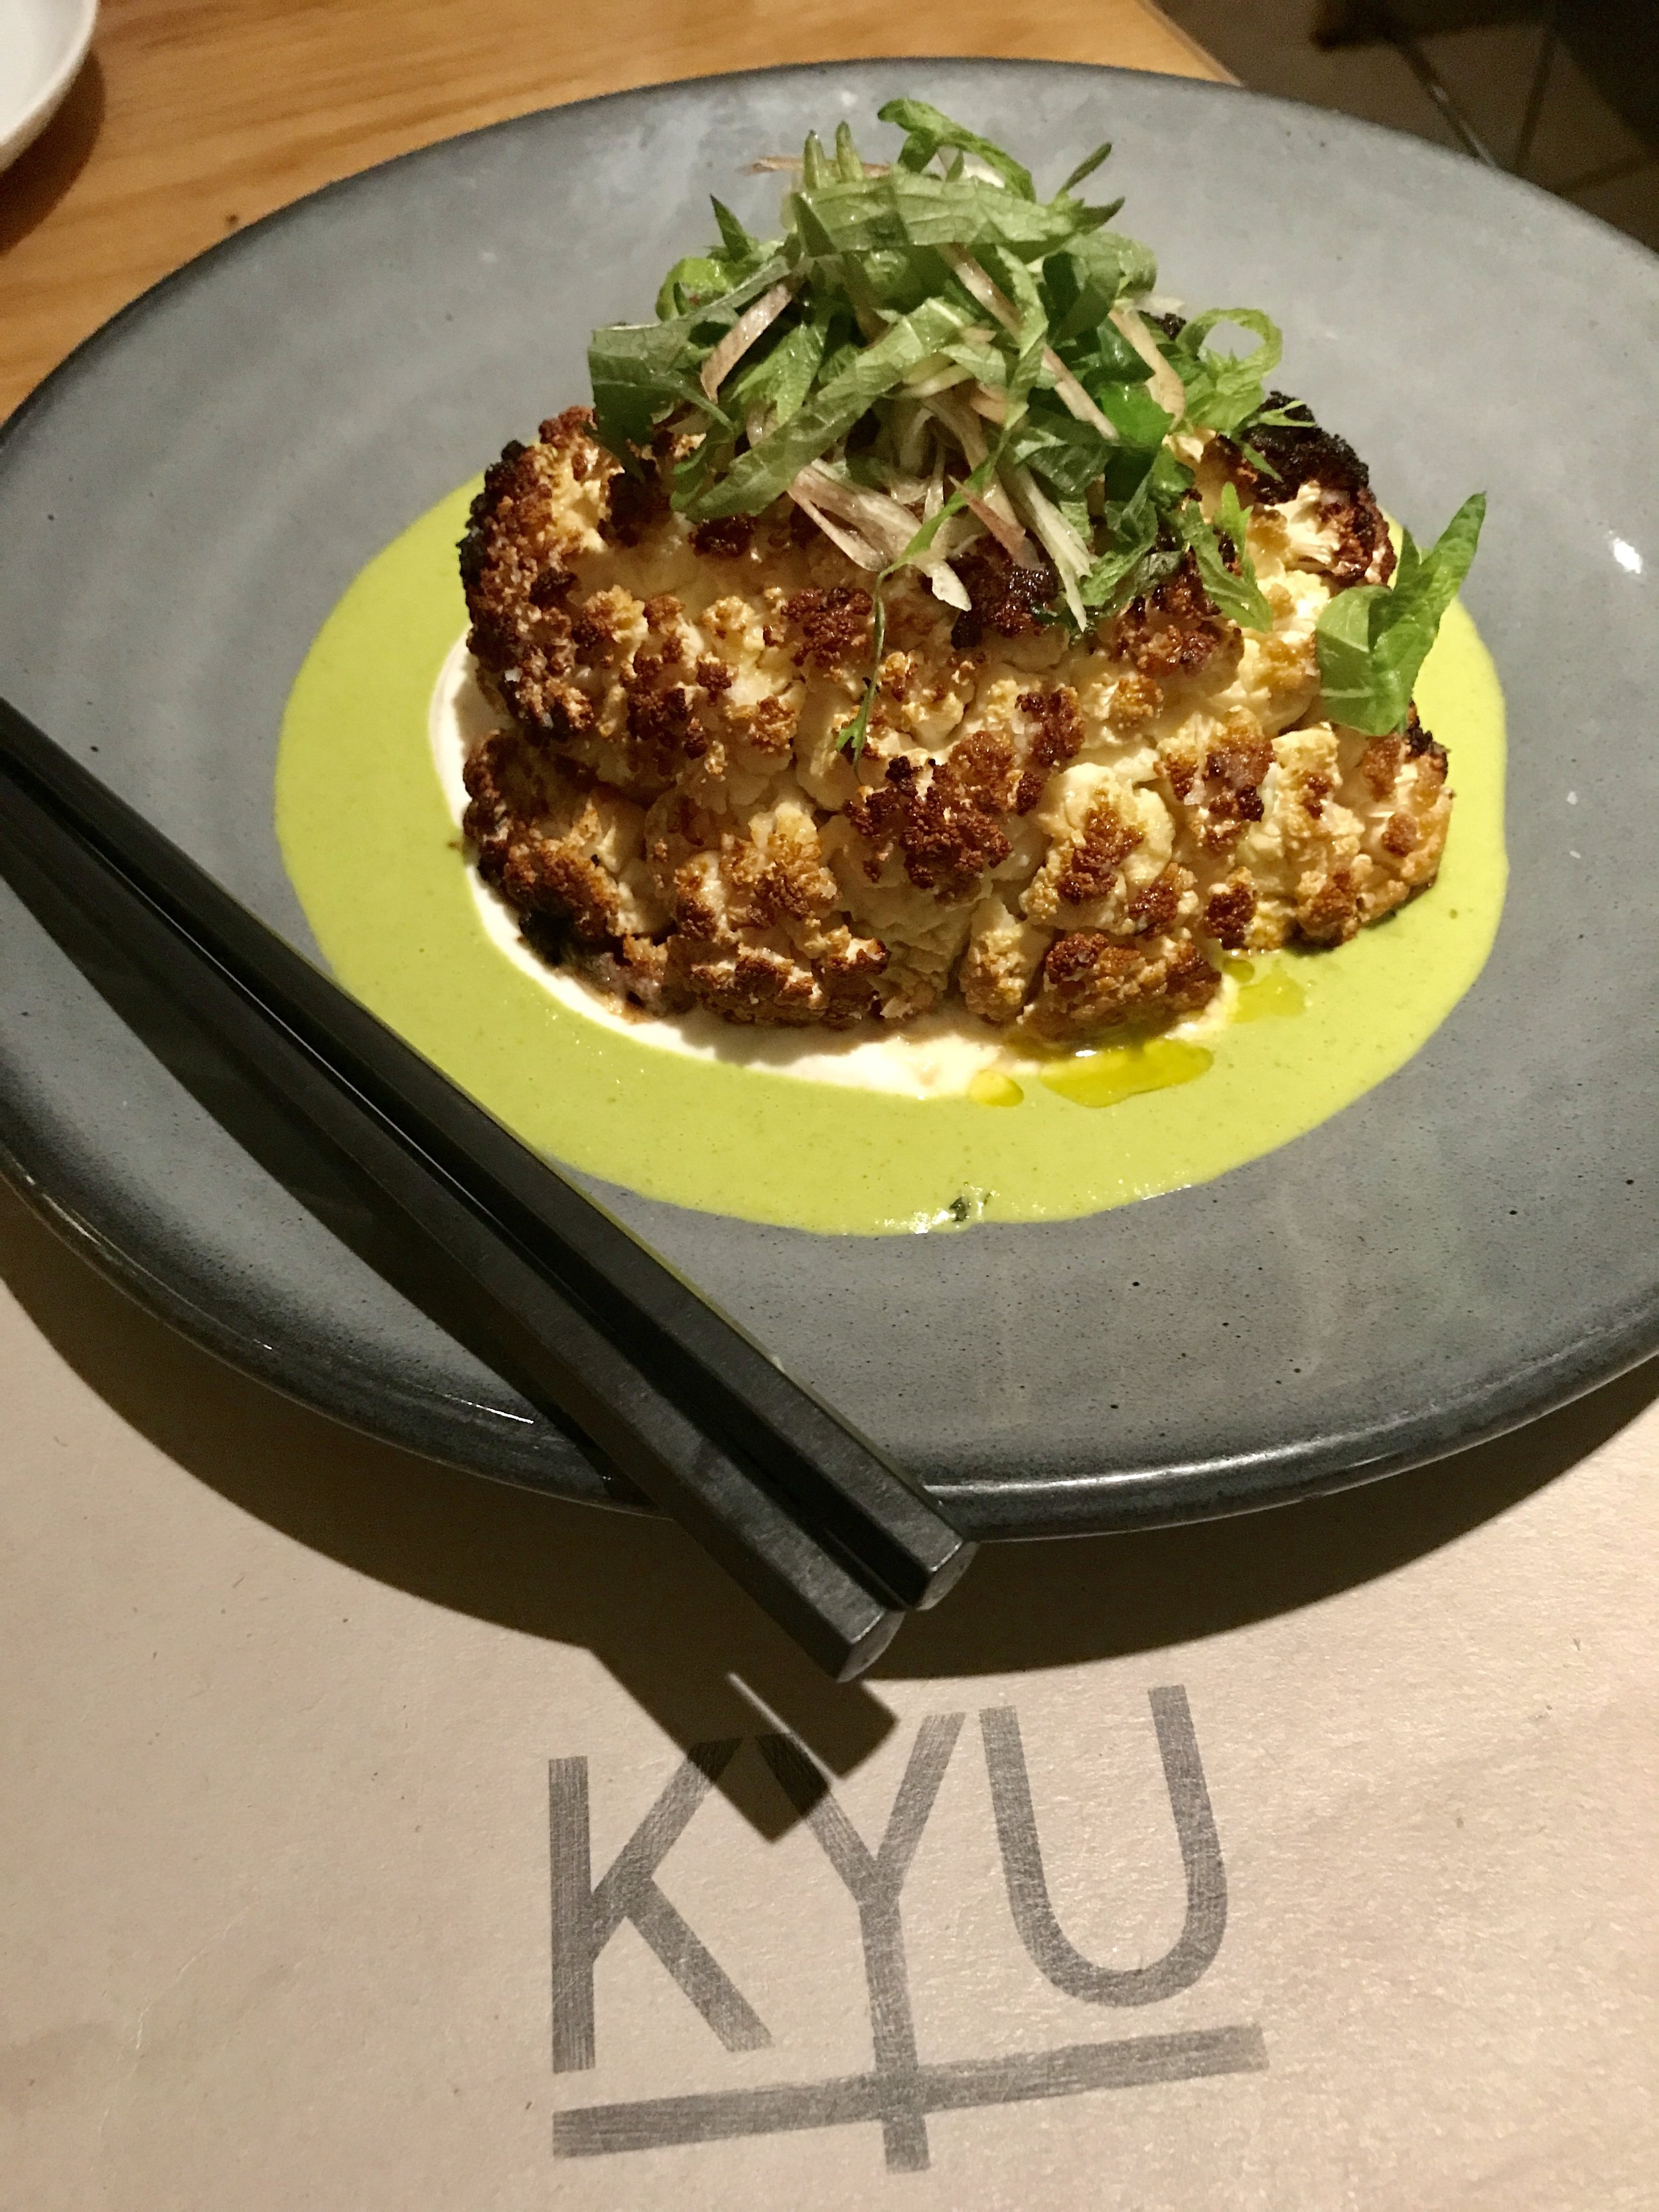 KYU Cauliflower Miami Spice